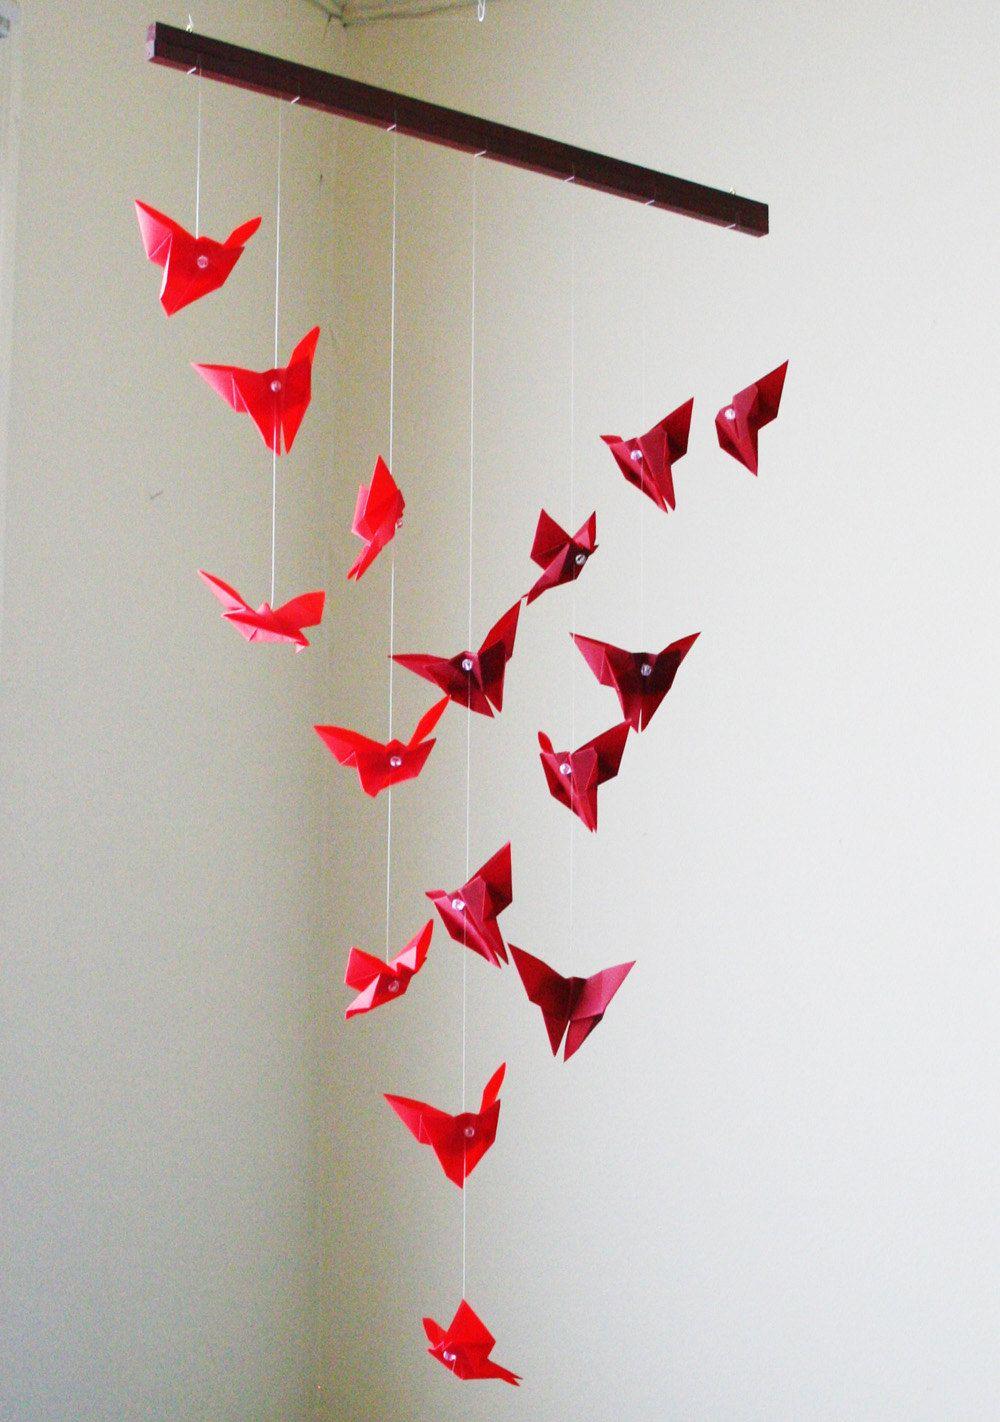 Оригами из бумаги на стену своими руками 3